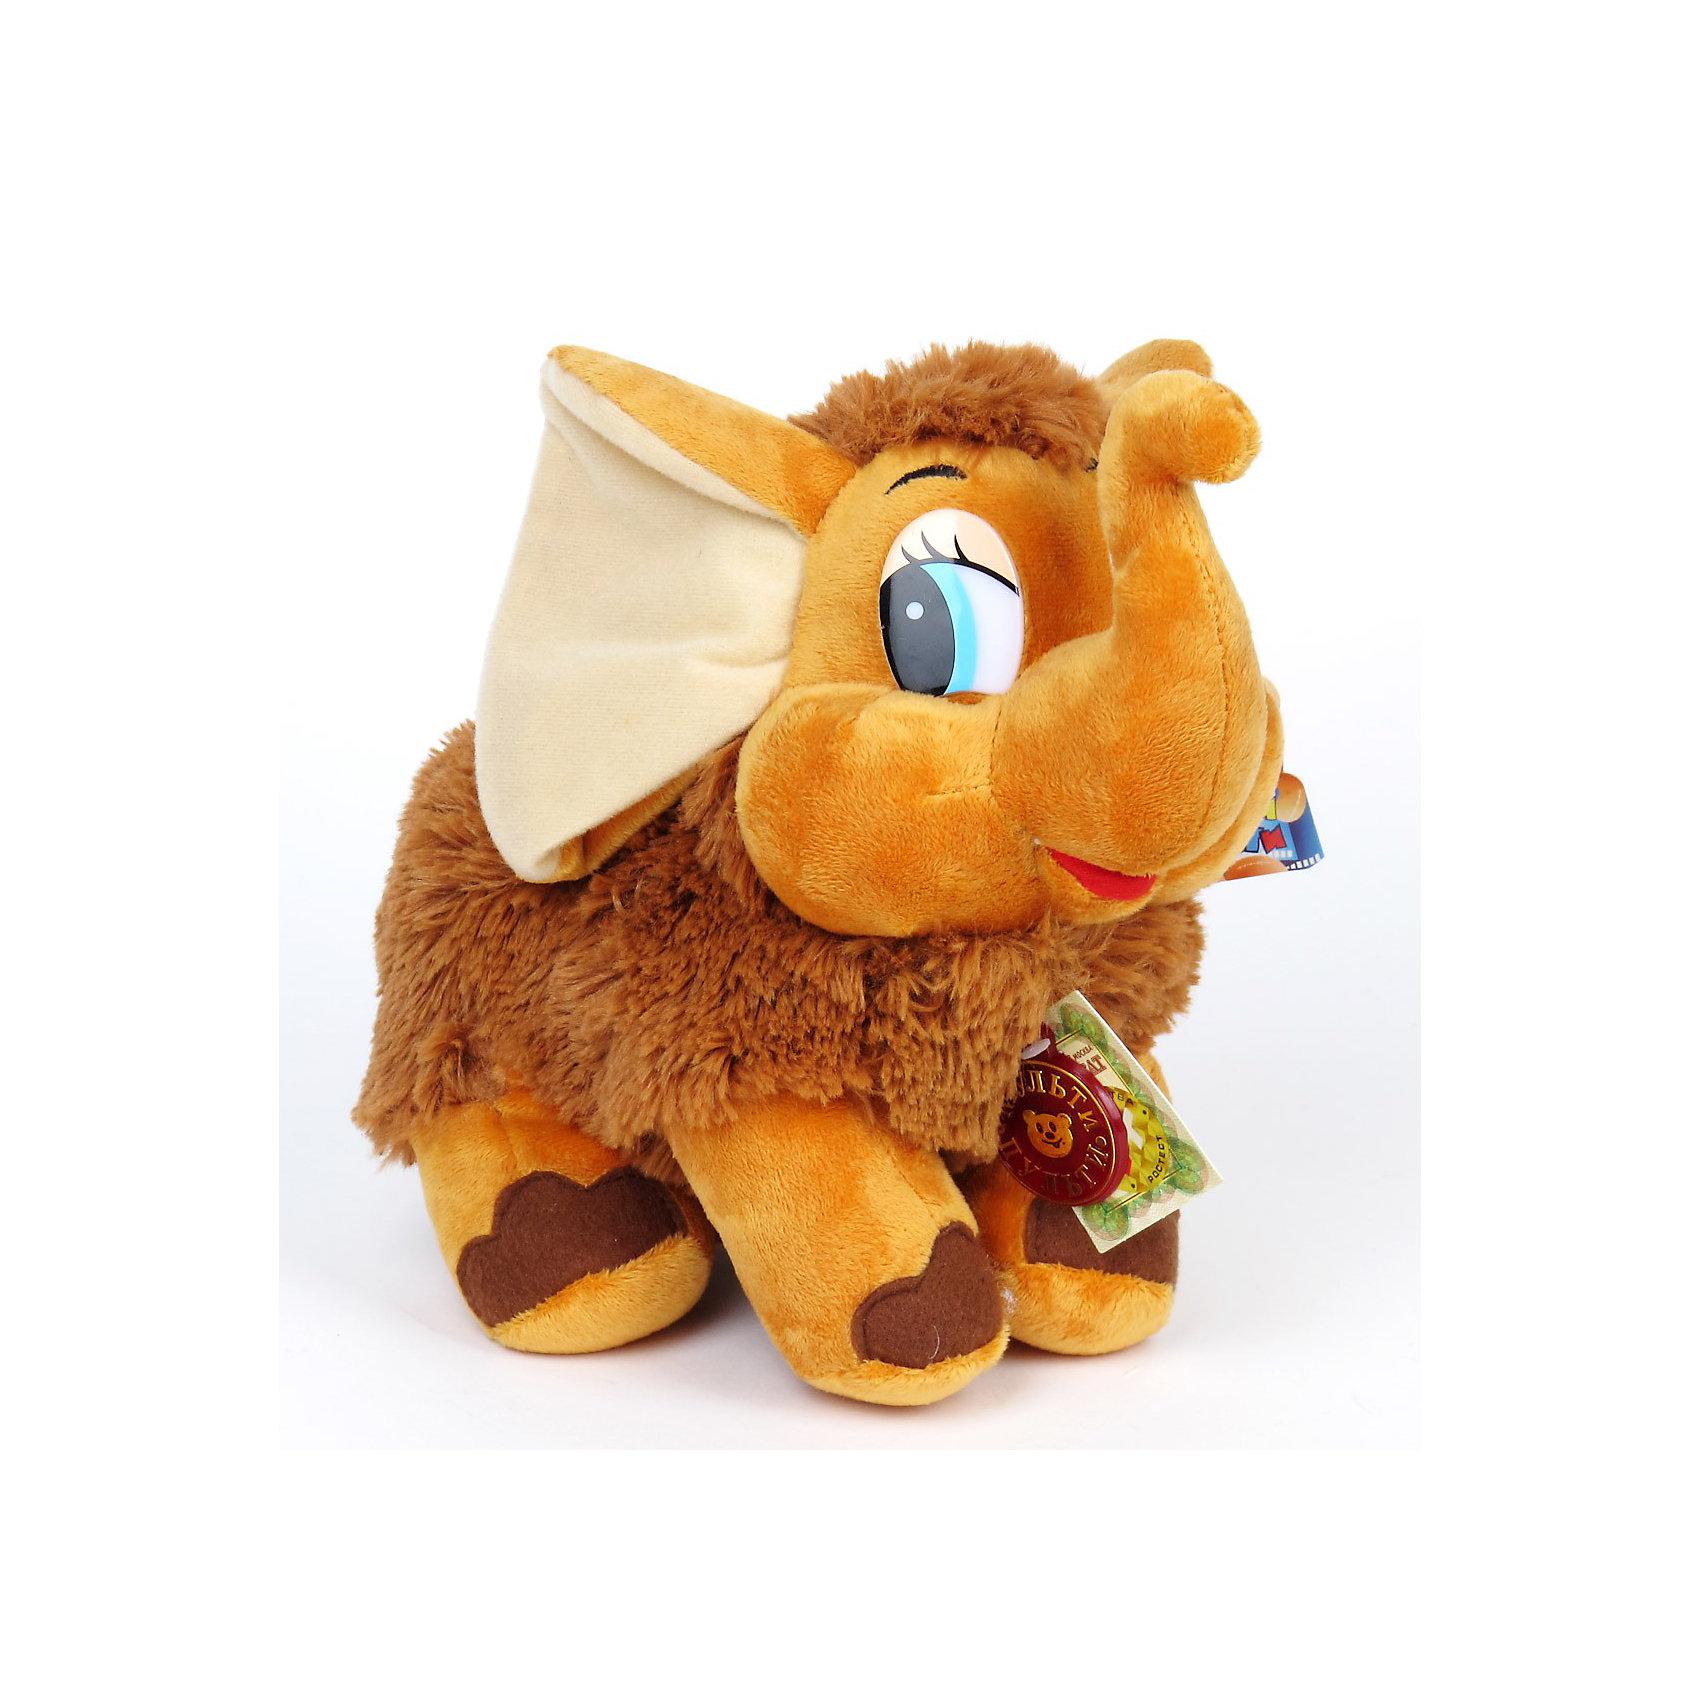 МУЛЬТИ-ПУЛЬТИ Мягкая игрушка Мамонтёнок, 25 см, МУЛЬТИ-ПУЛЬТИ мульти пульти мягкая игрушка мамонтёнок 25 см мульти пульти